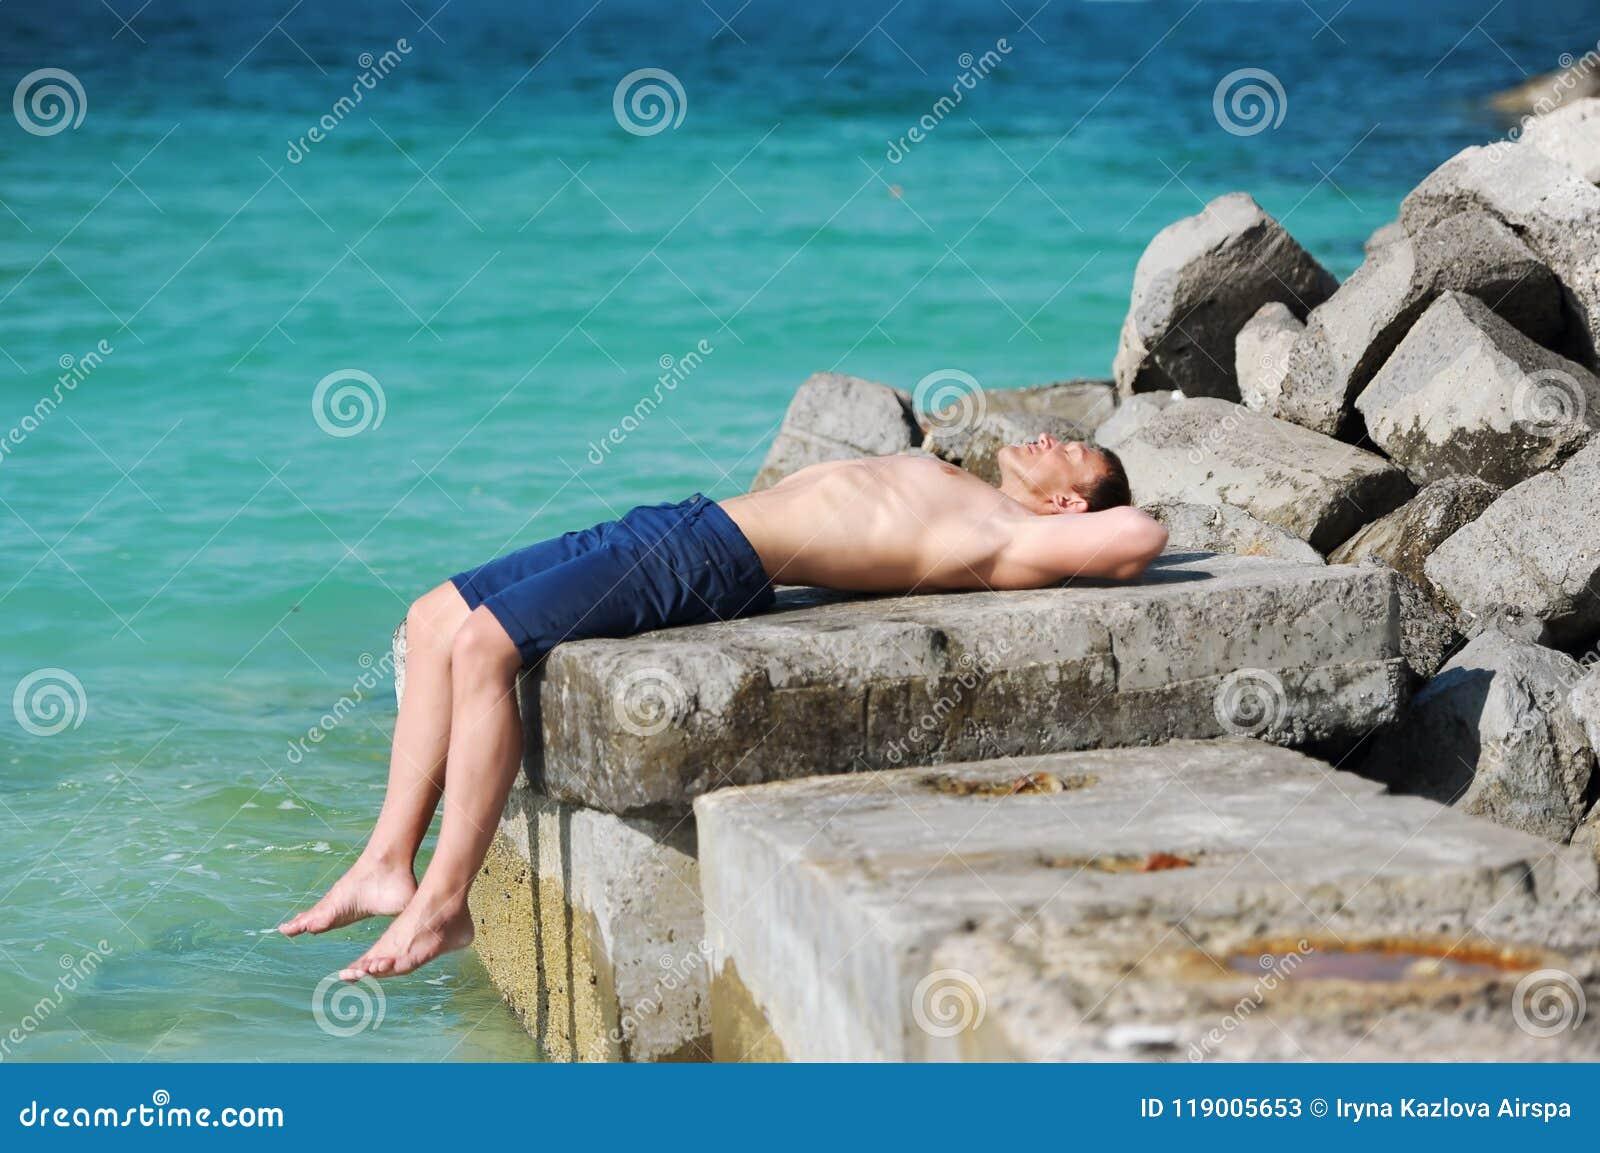 Der Mann mit einem nackten Torso, der auf einem Stein vor dem hintergrund des Meeres liegt